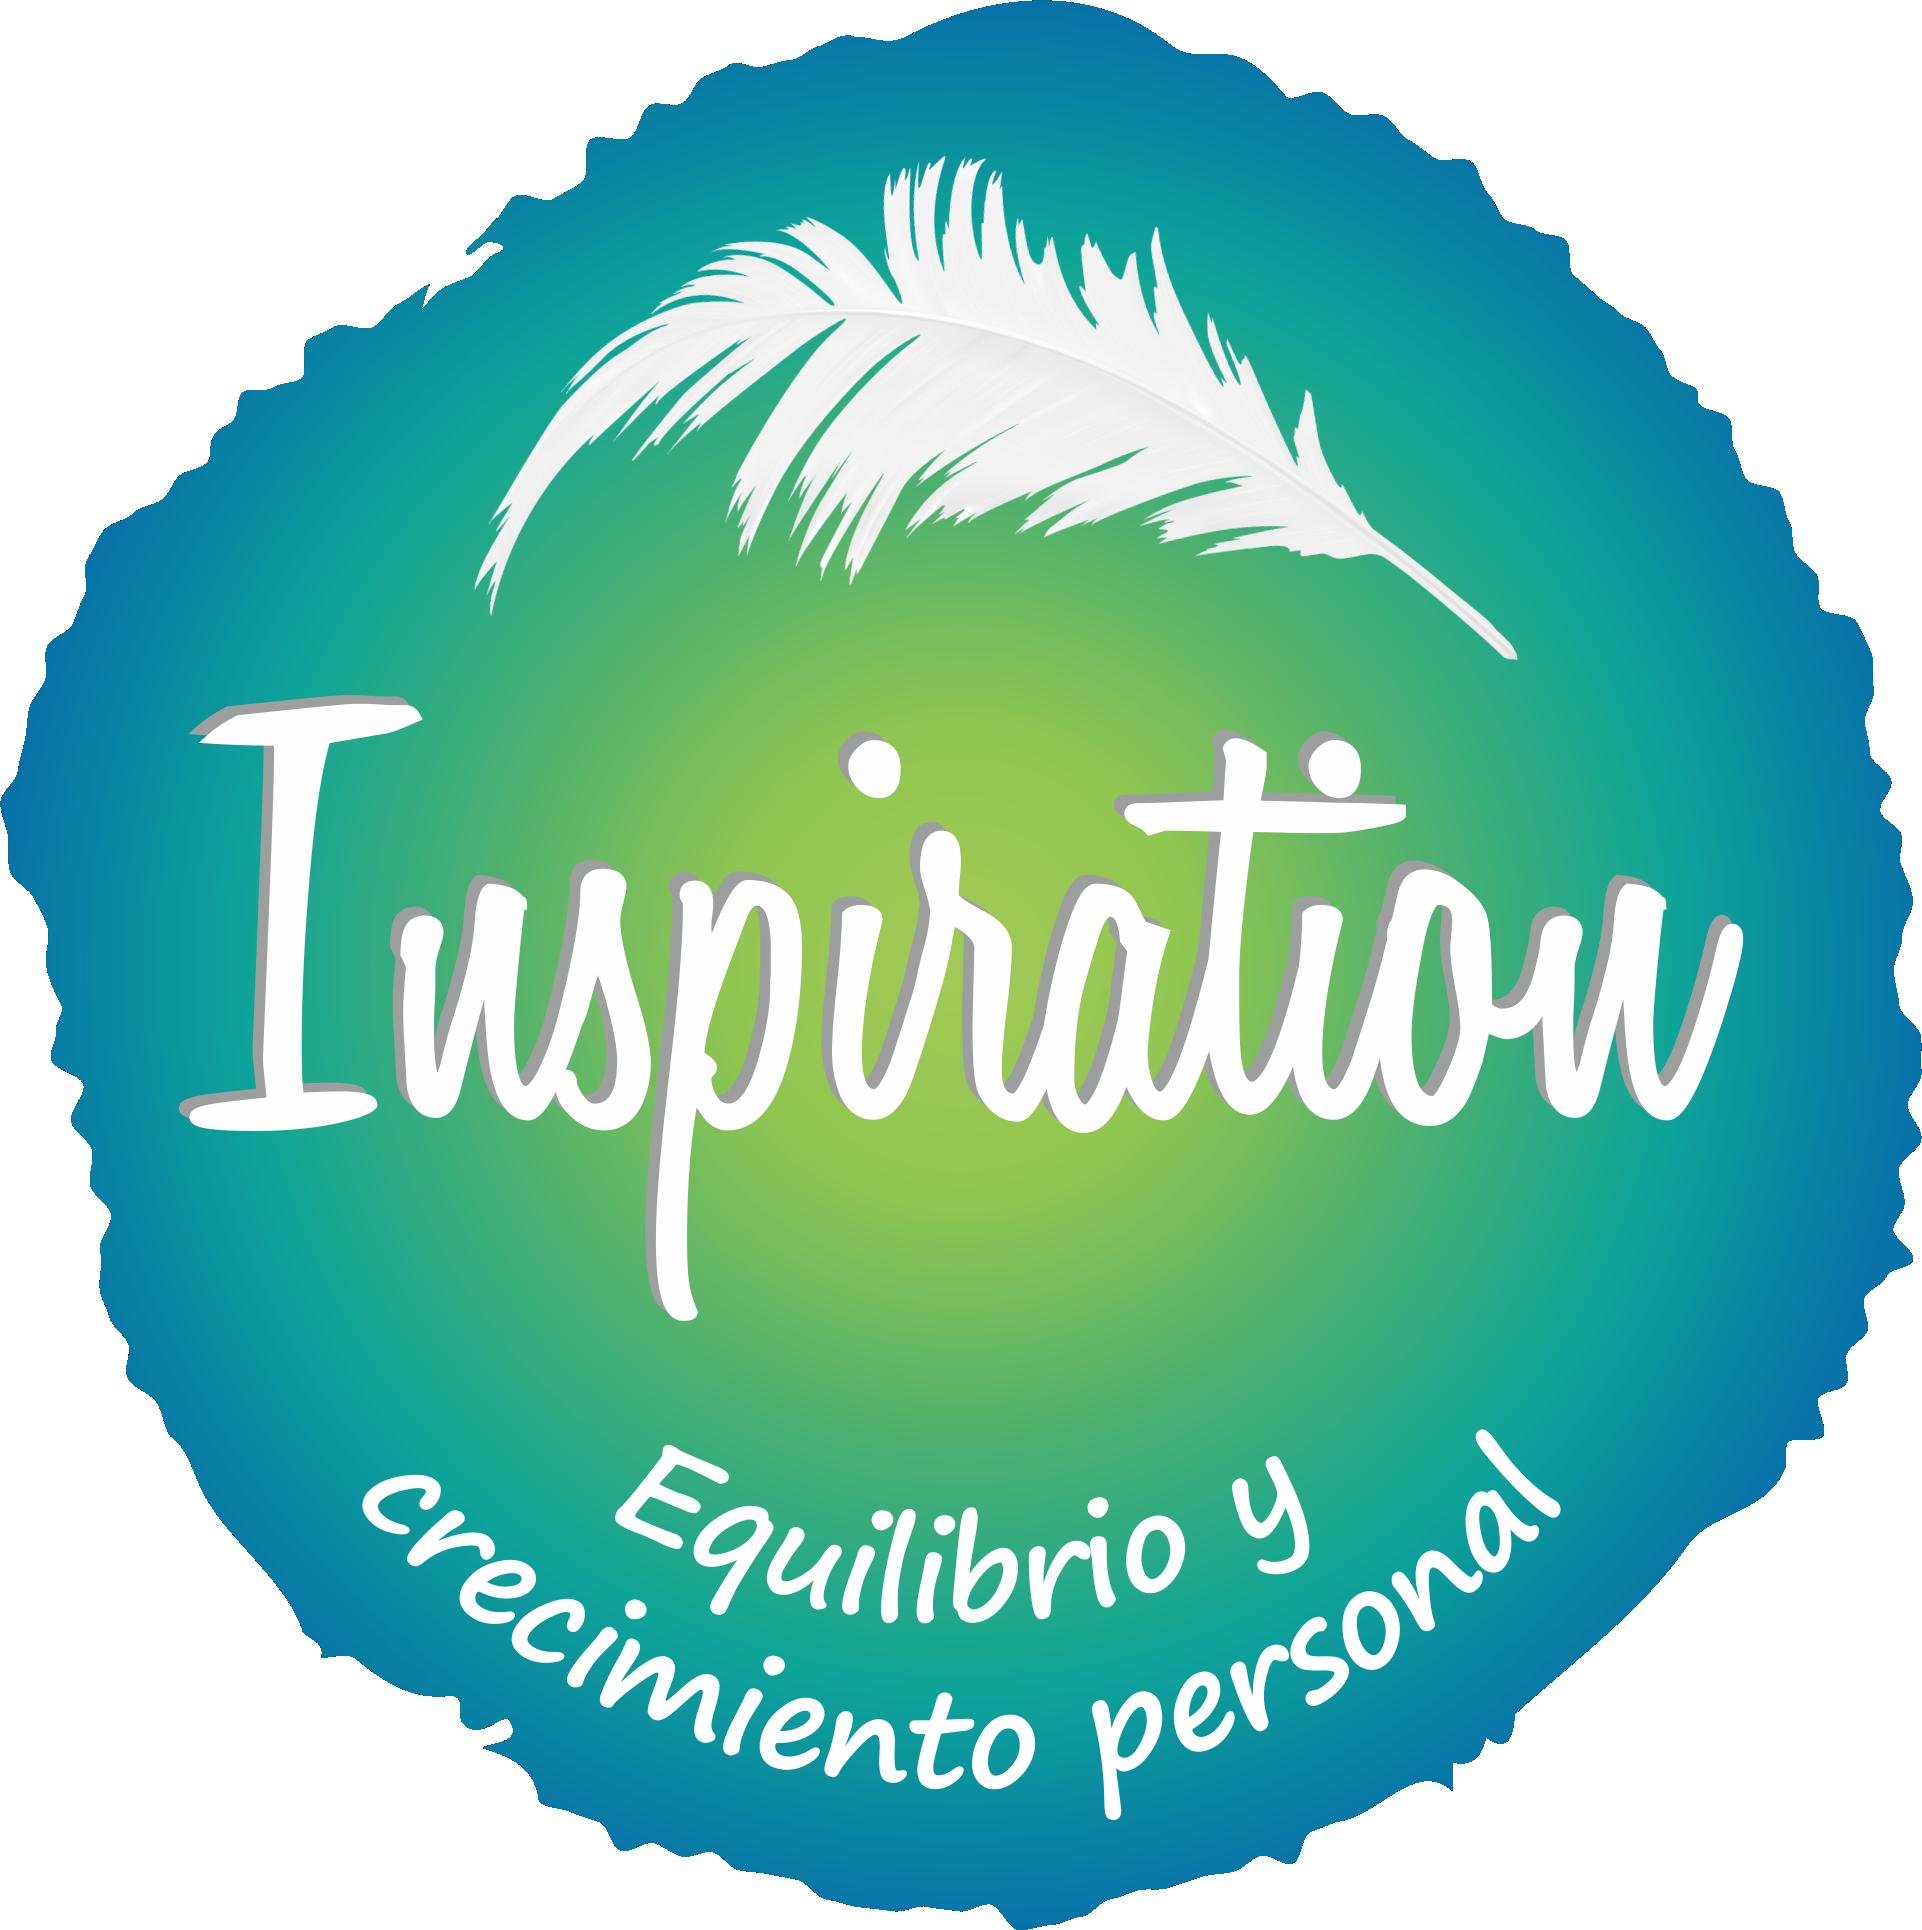 Espacio Inspiration